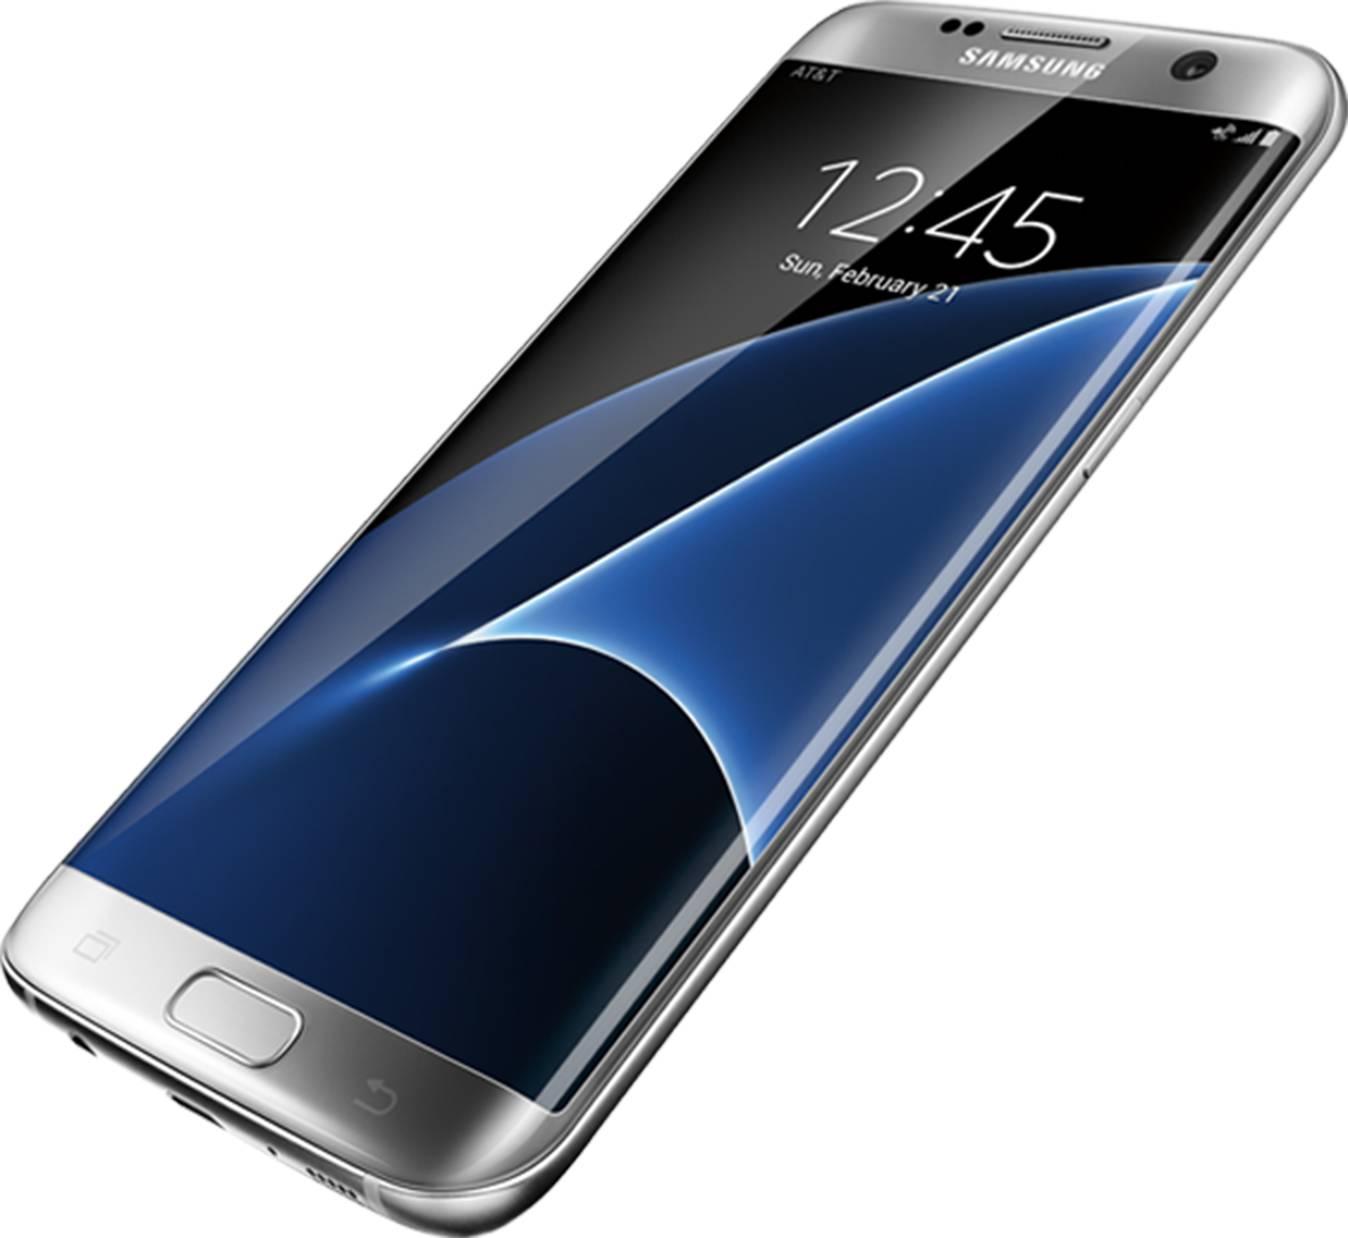 Thay mặt kính cảm ứng,thay màn hình Samsung S7/S7 Edge